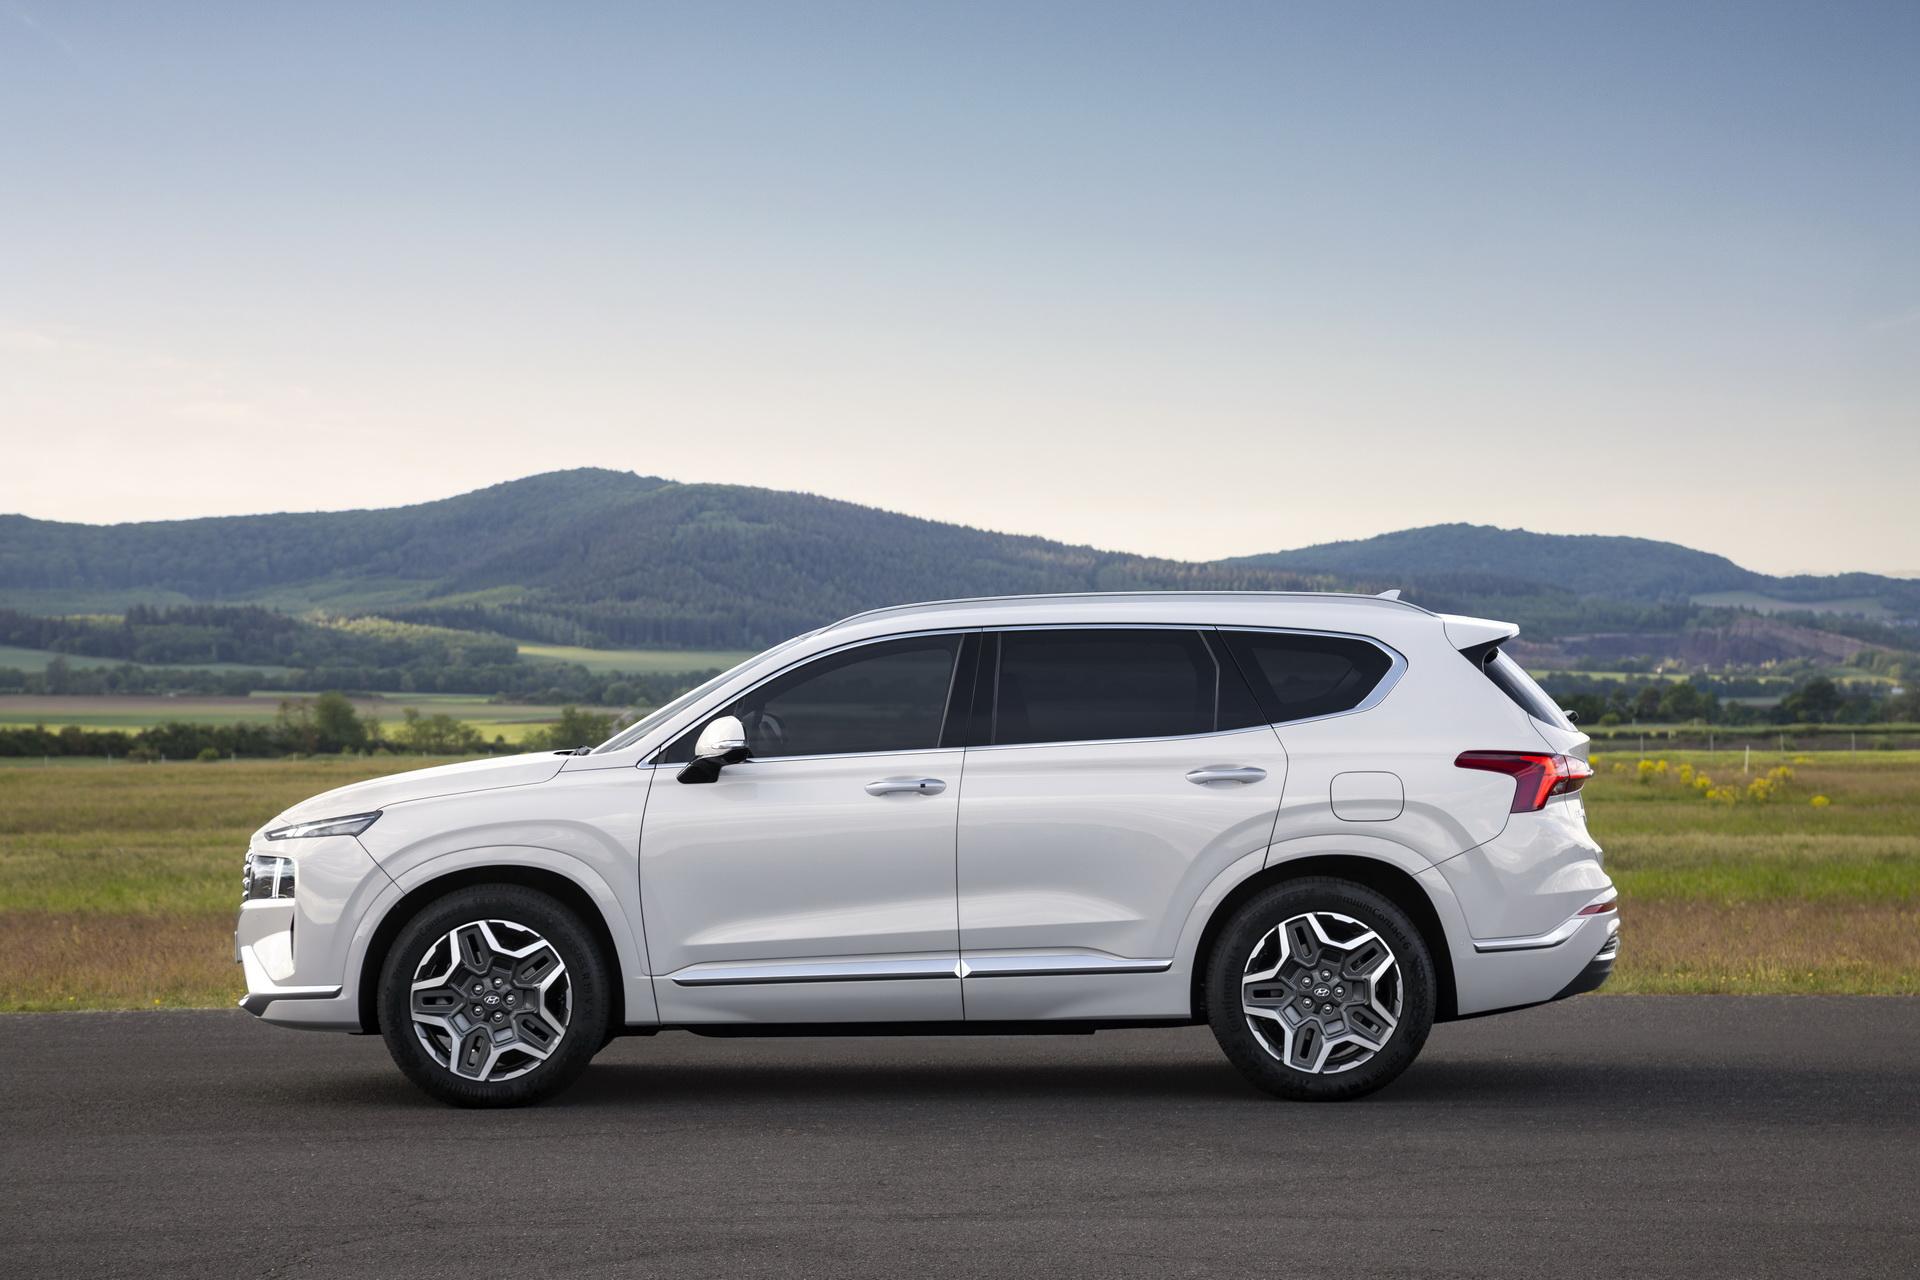 Mẫu SUV 7 chỗ tiết kiệm nhiên liệu và bán chạy nhất thị trường Việt Nam: Khó có lựa chọn tốt hơn! 7